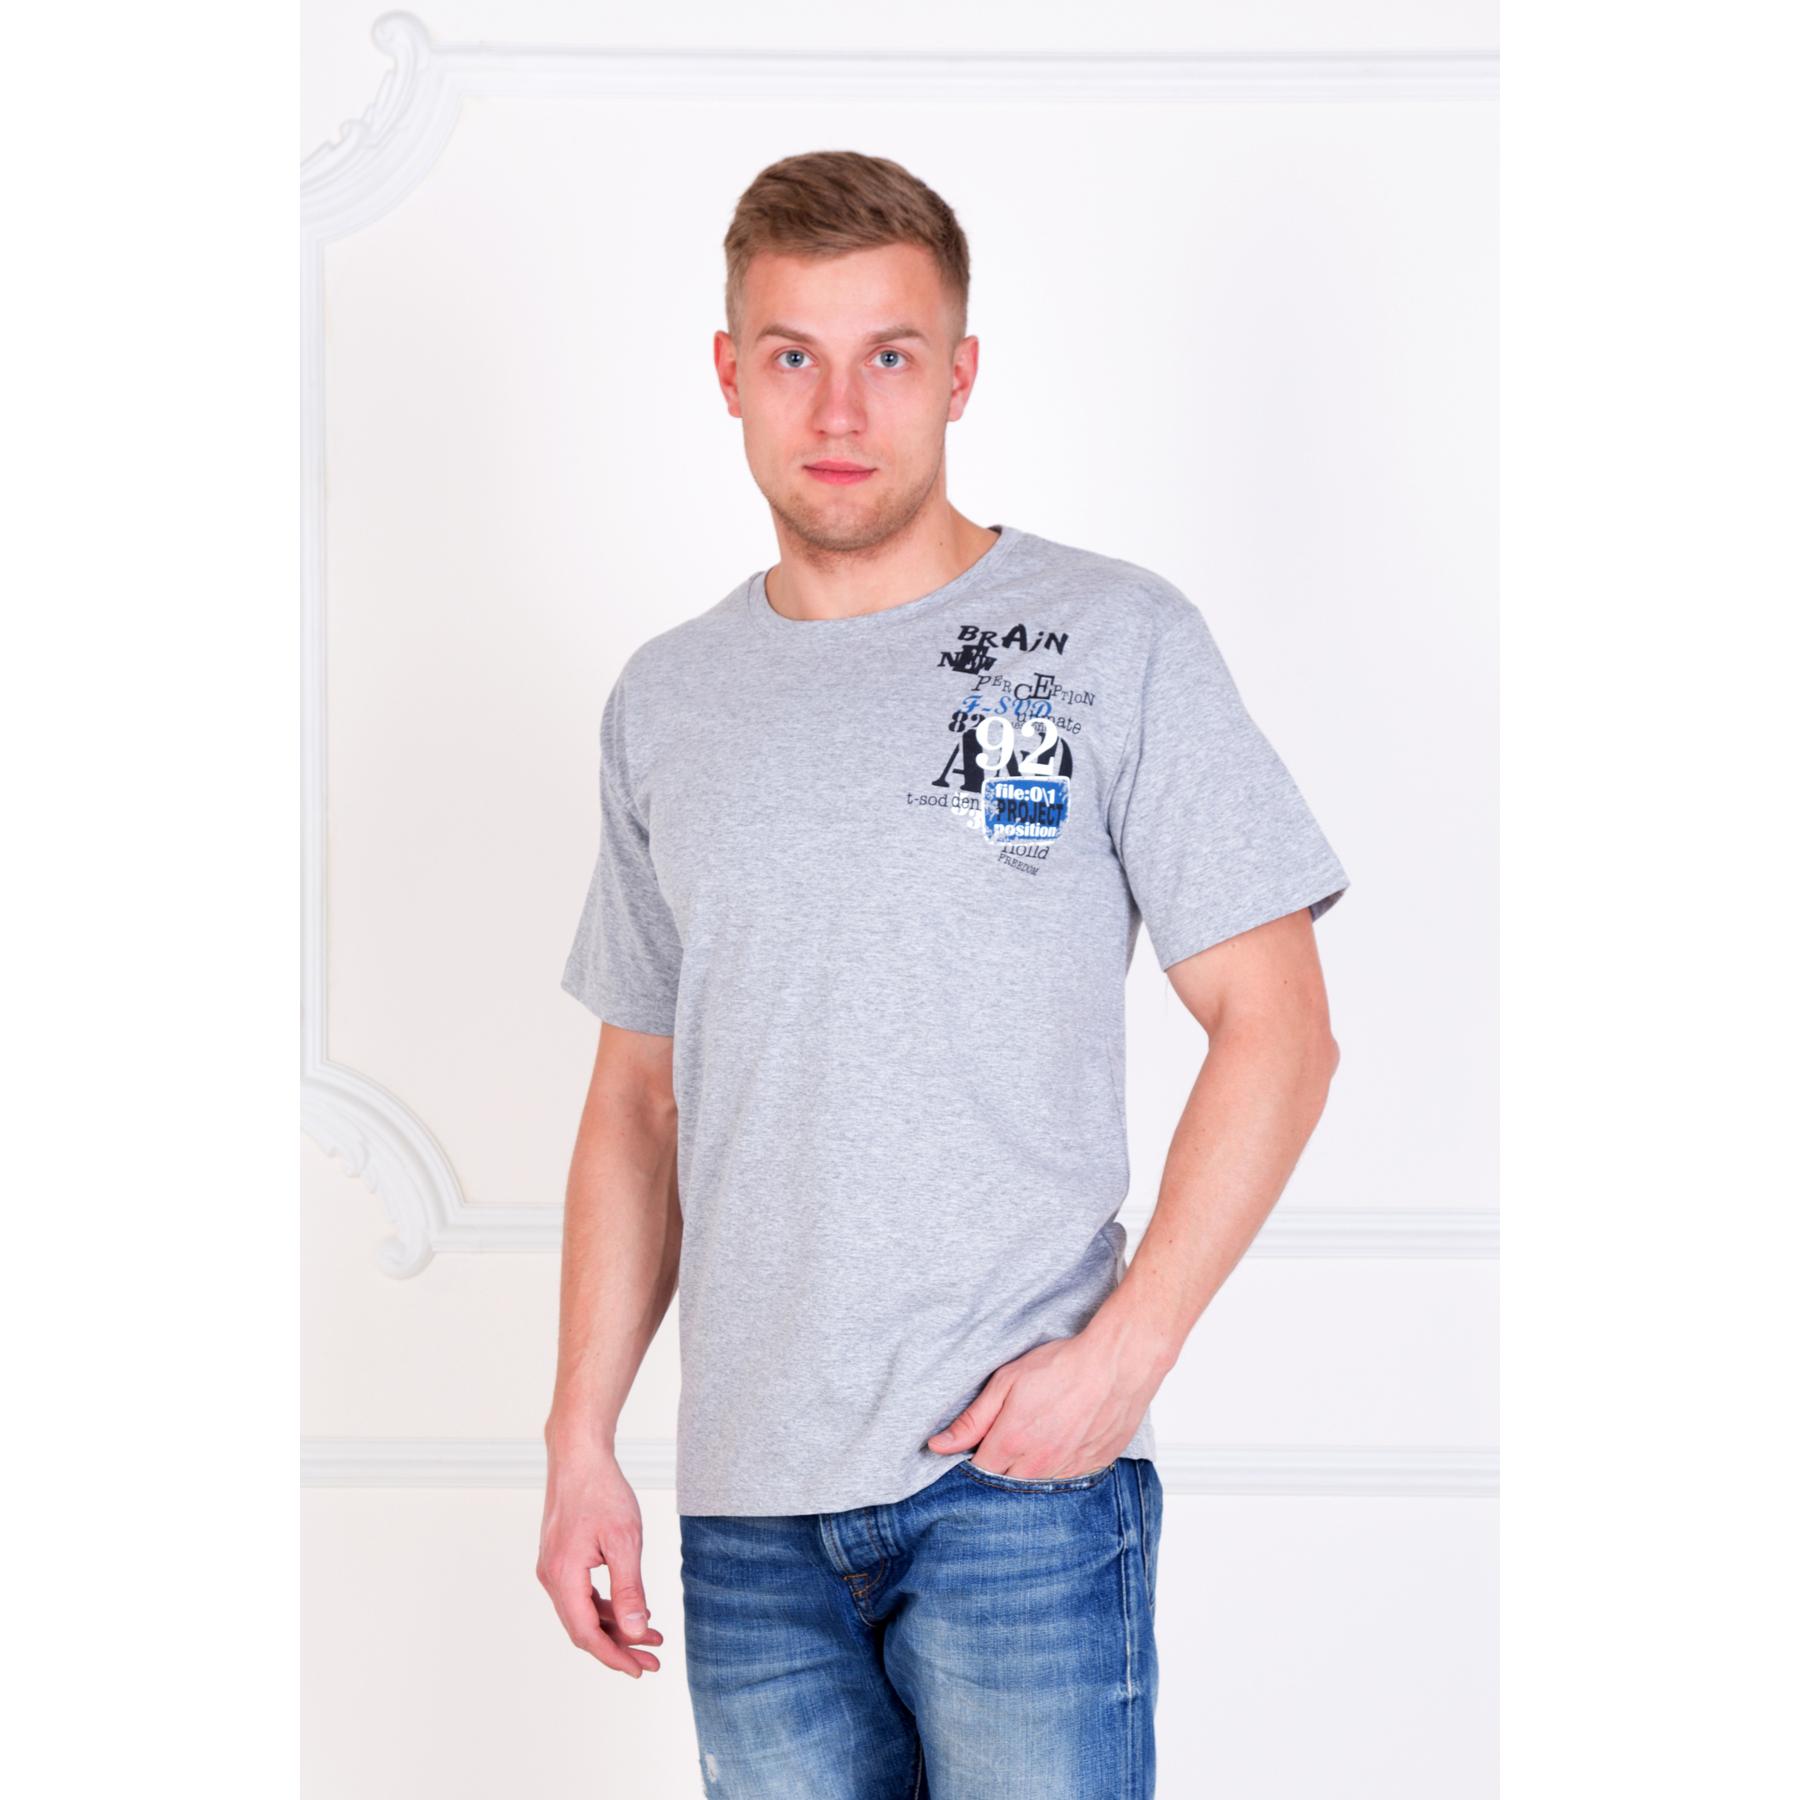 Мужская футболка Brain Серый, размер 60Майки и футболки<br>Обхват груди:120 см<br>Обхват талии:112 см<br>Обхват бедер:116 см<br>Рост:178-188 см<br><br>Тип: Муж. футболка<br>Размер: 60<br>Материал: Кулирка